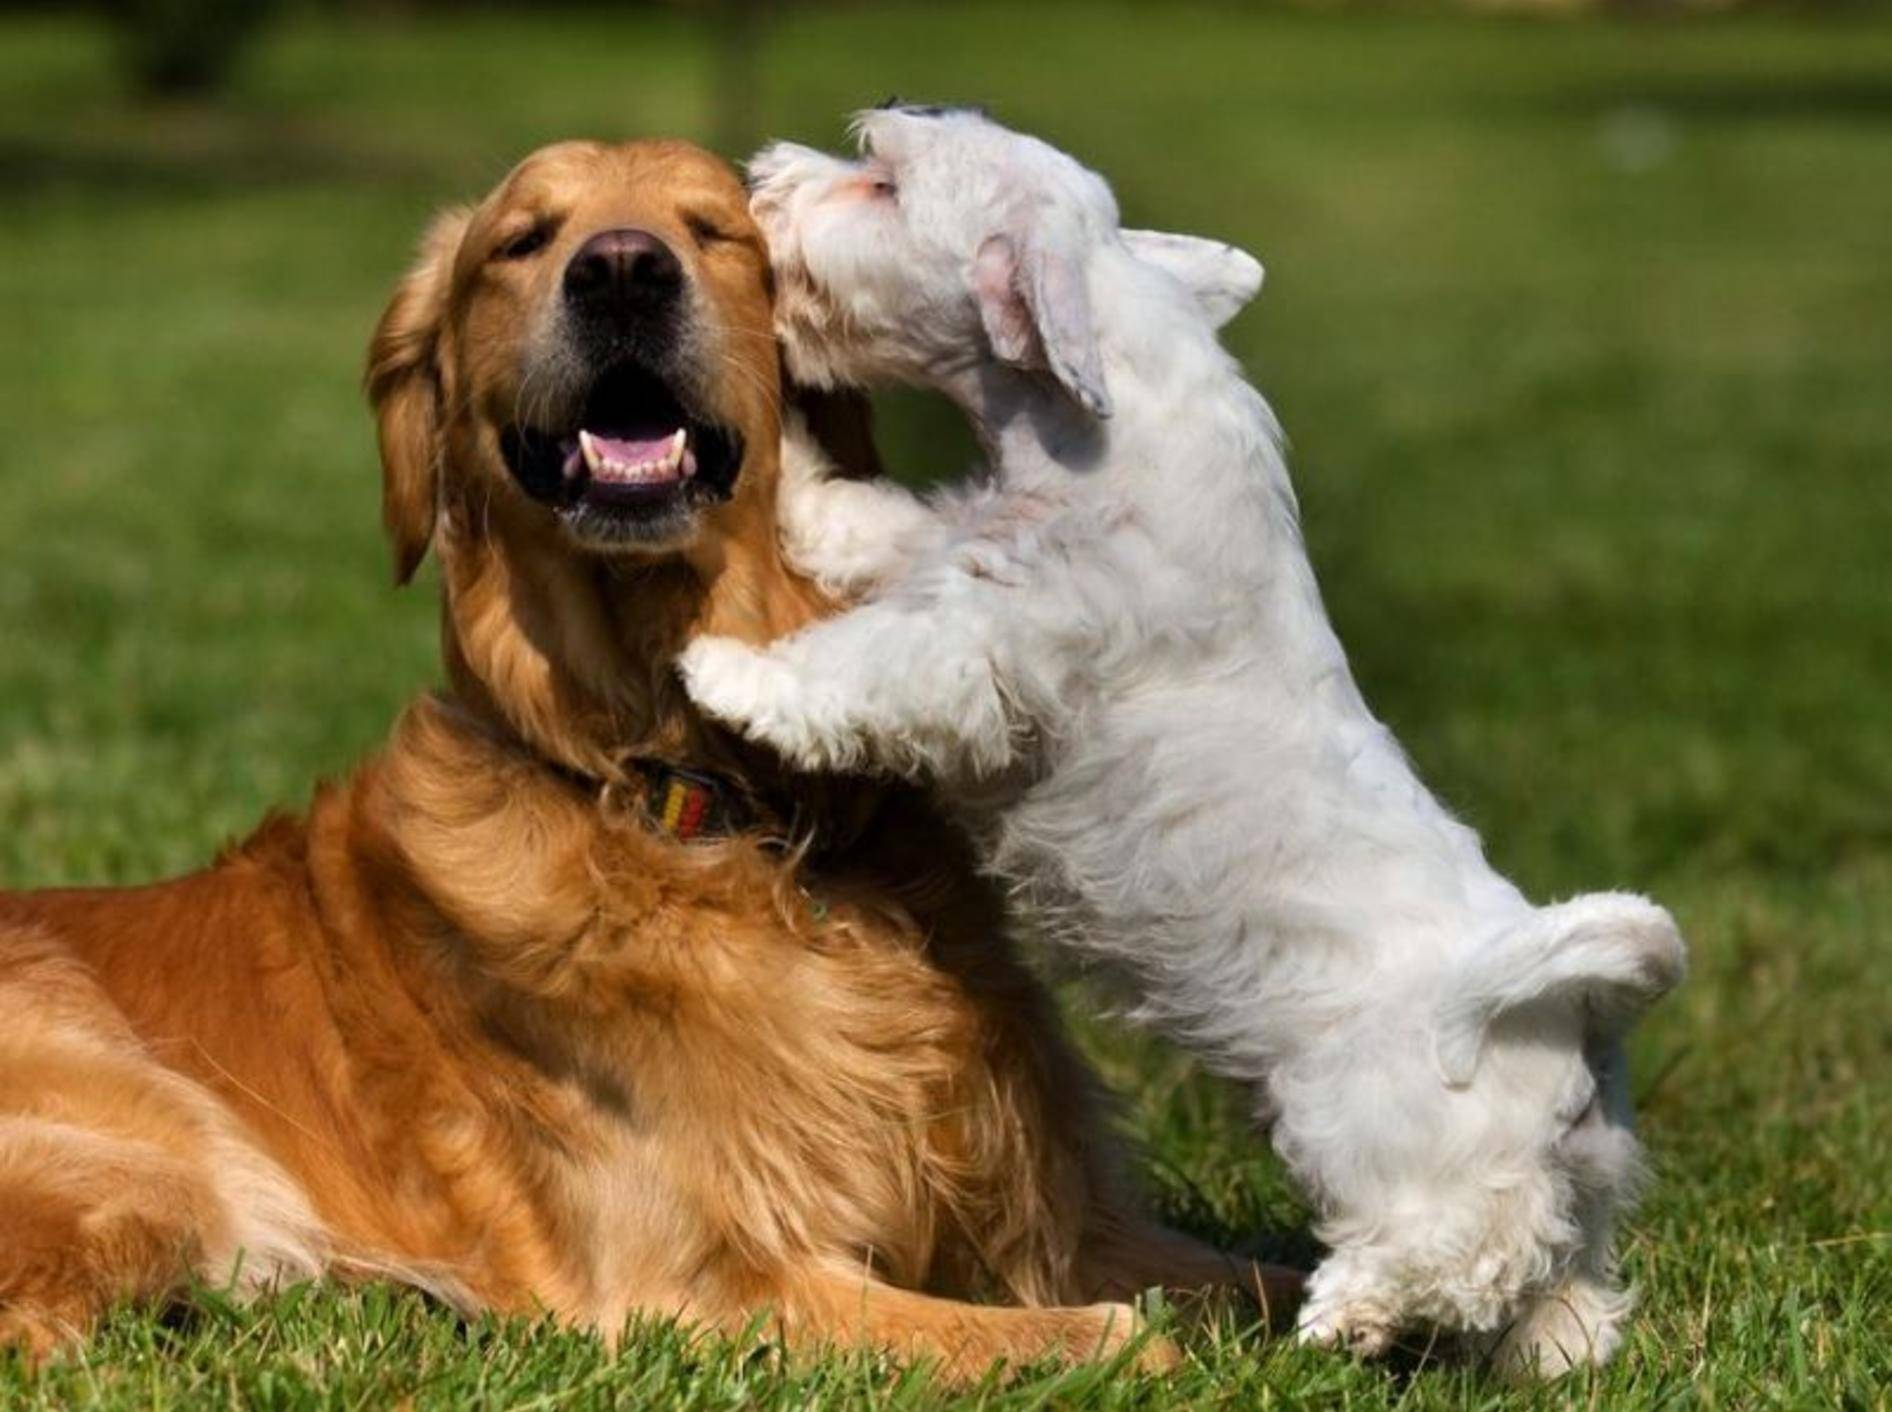 Zwei Hunde spielen auf der Wiese